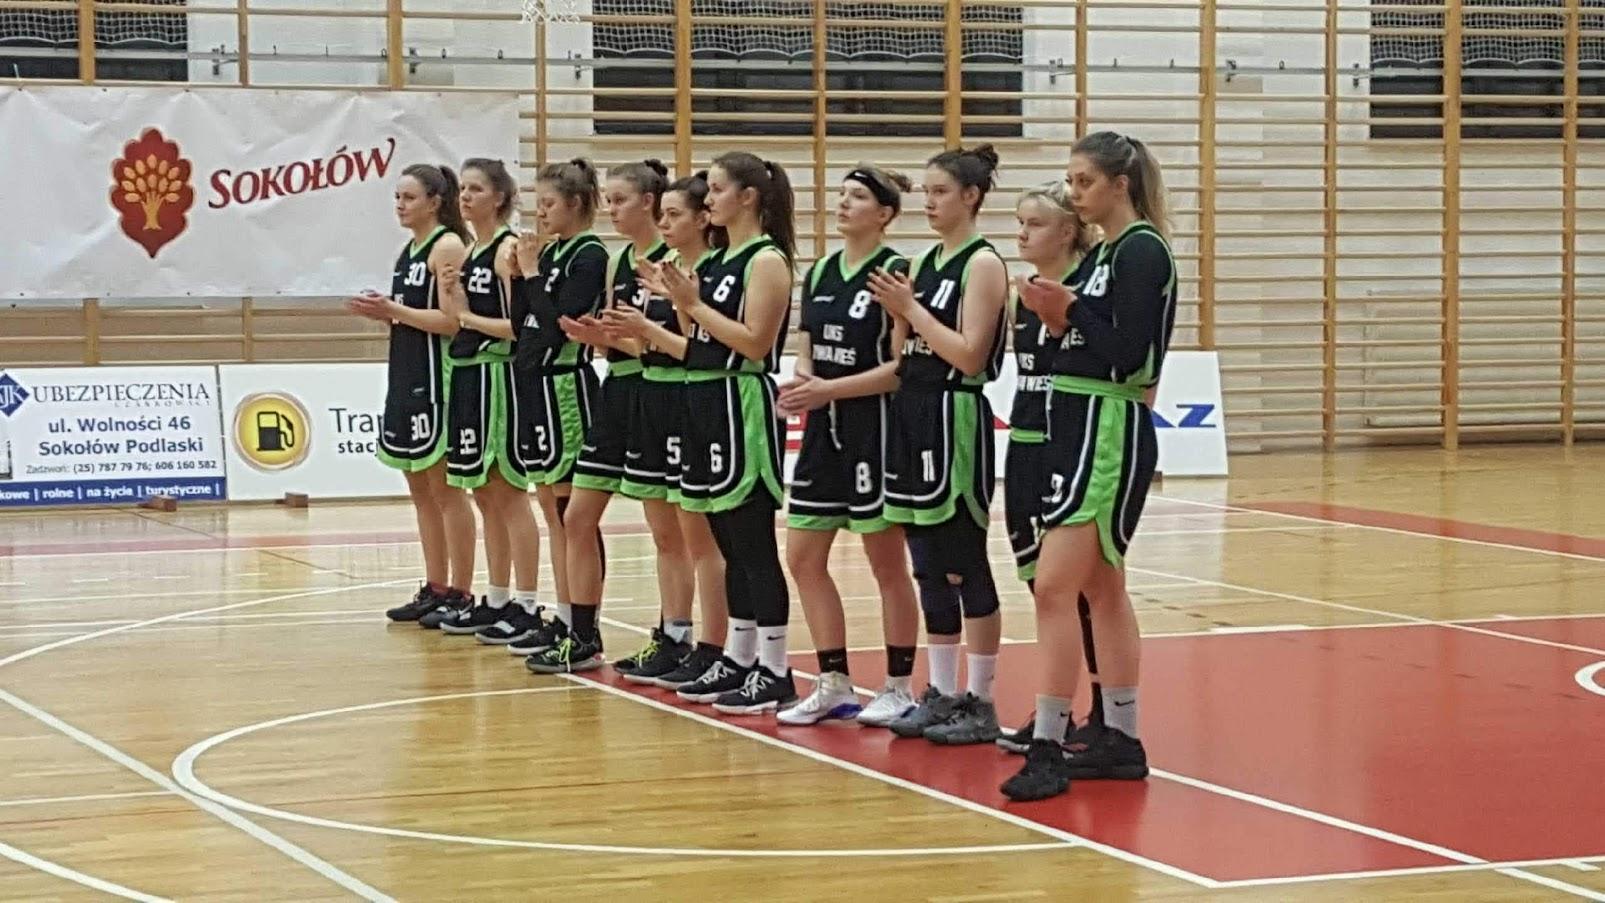 II Ligowa drużyna UKS Nowa Wieś na podium tegorocznych rozgrywek